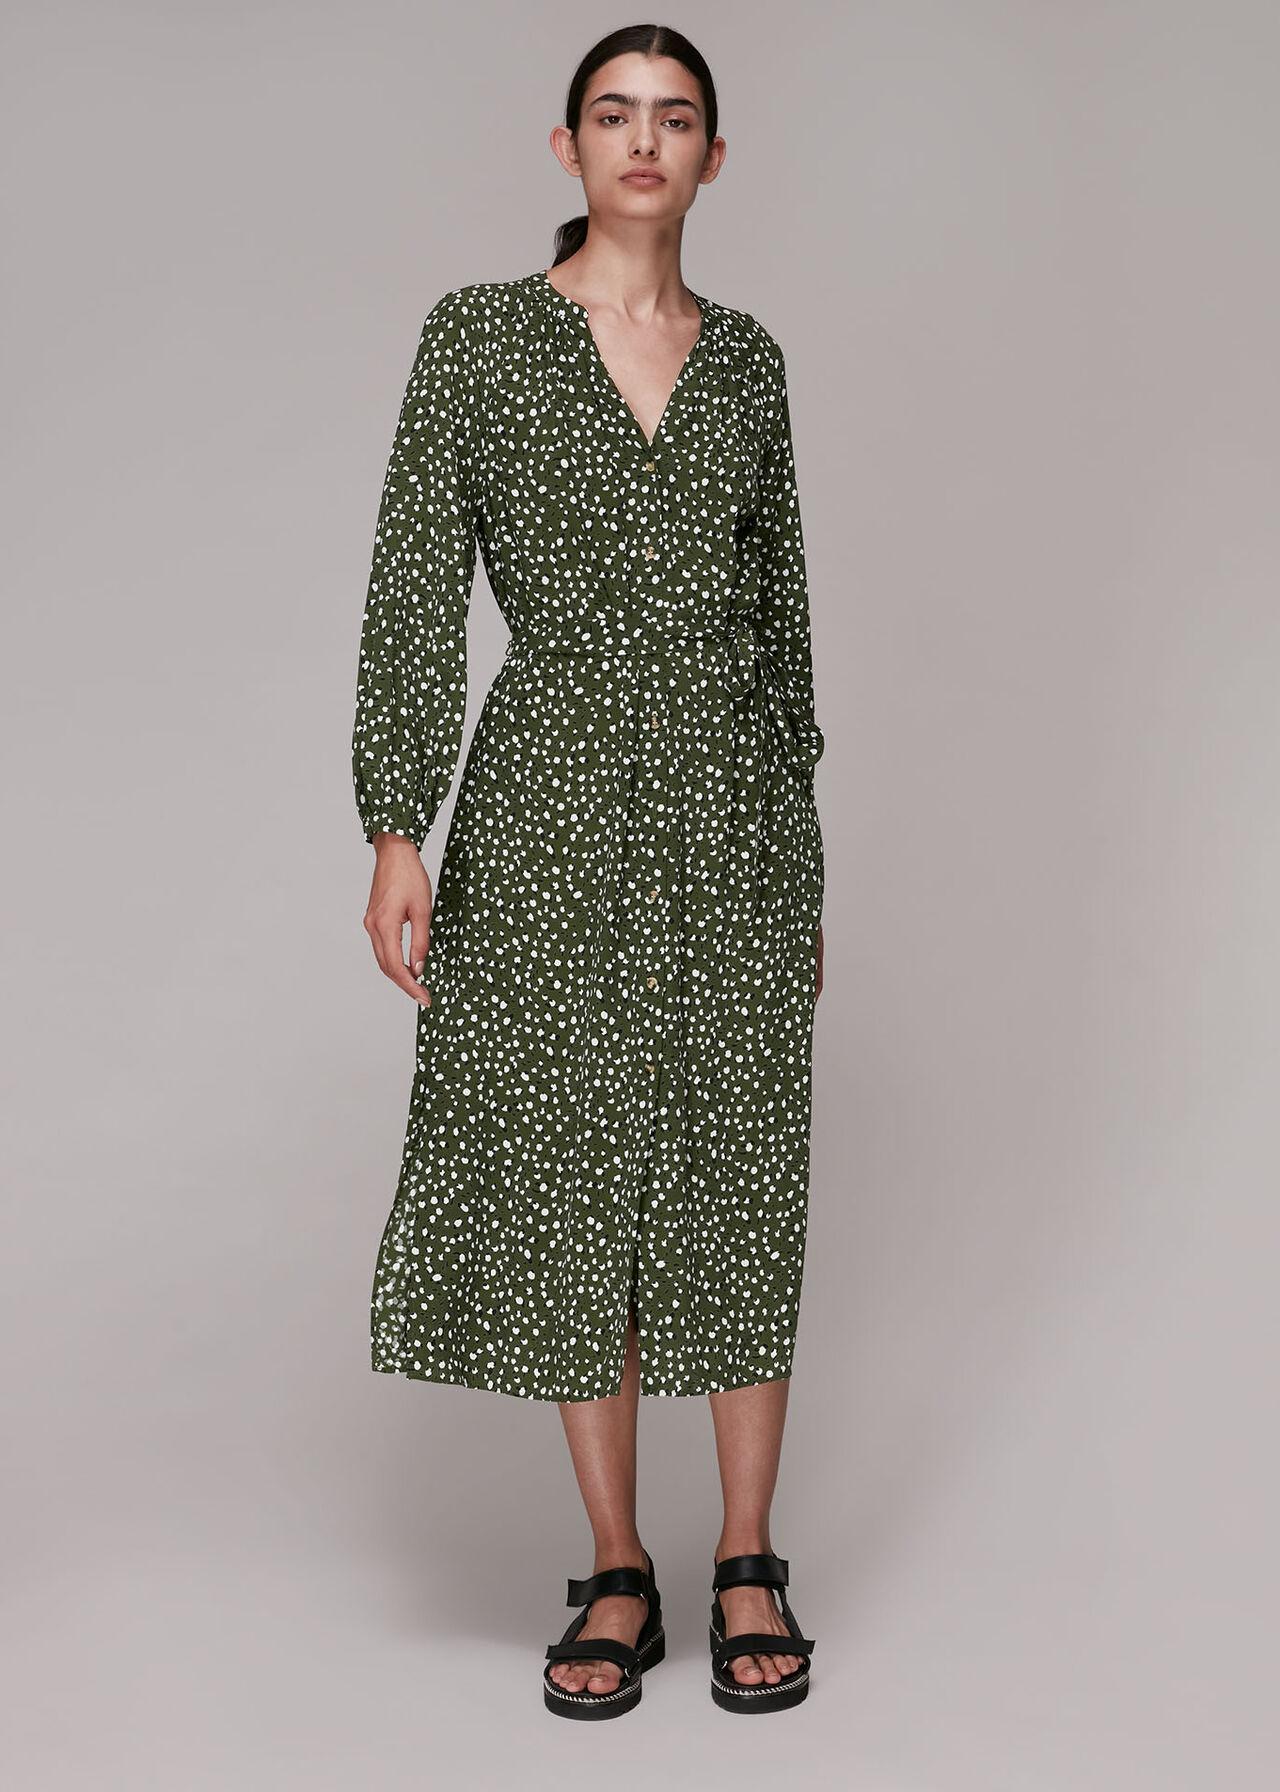 Livi Wild Leopard Midi Dress